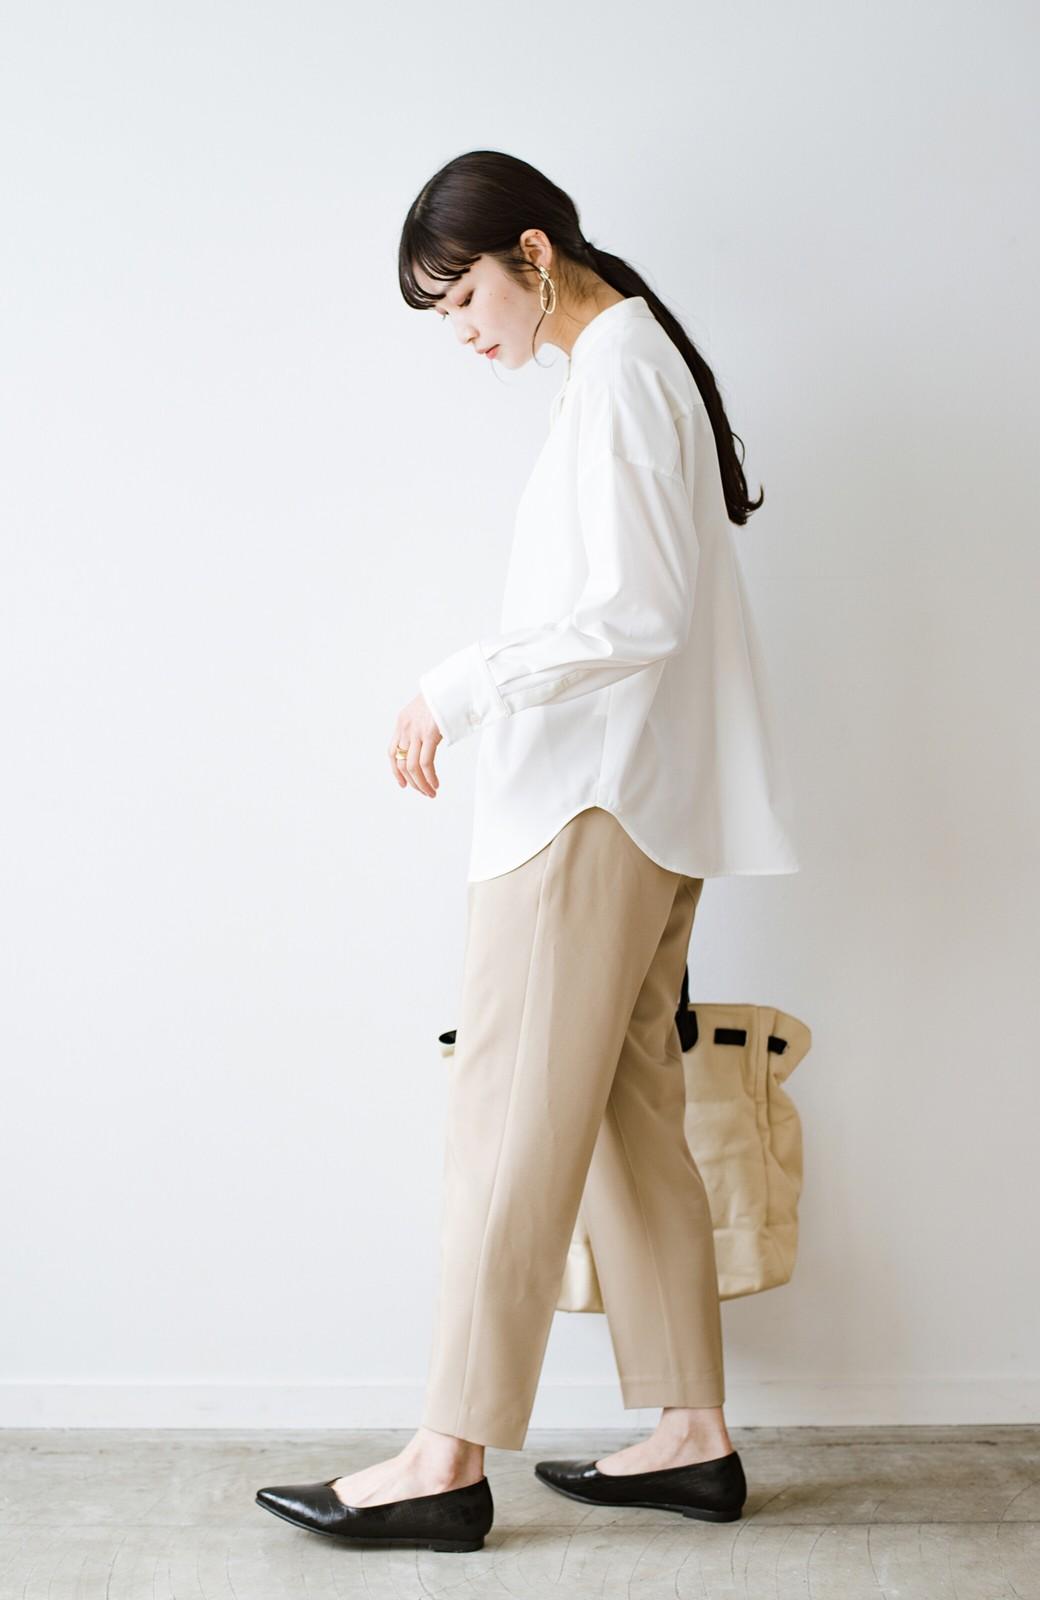 haco! 【防水】普段もお仕事も雨の日も!さっと履いて女っぽい Vカットが足をきれいに見せてくれるフラットパンプス <ブラック>の商品写真13